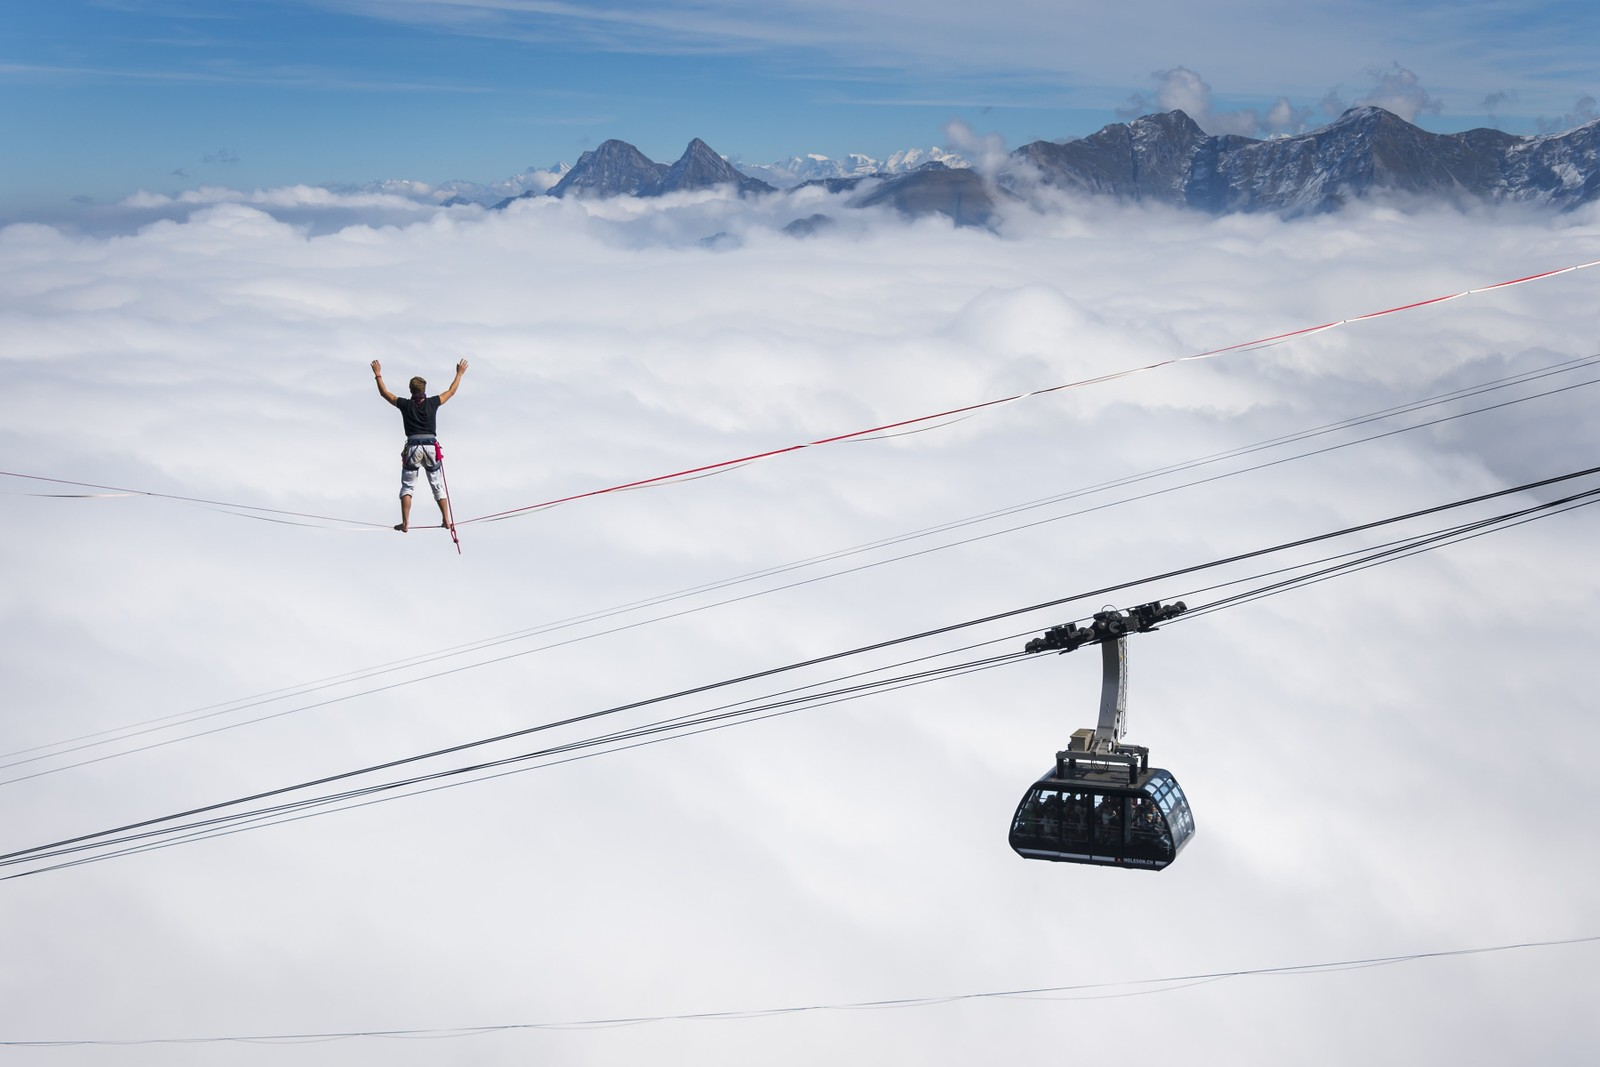 50 av de beste slakkline-utøverne i Europa var samla i Sveits for et høythengende treff. Her ser vi tyske Quirin Herterich kose seg 495 meter over bakken.